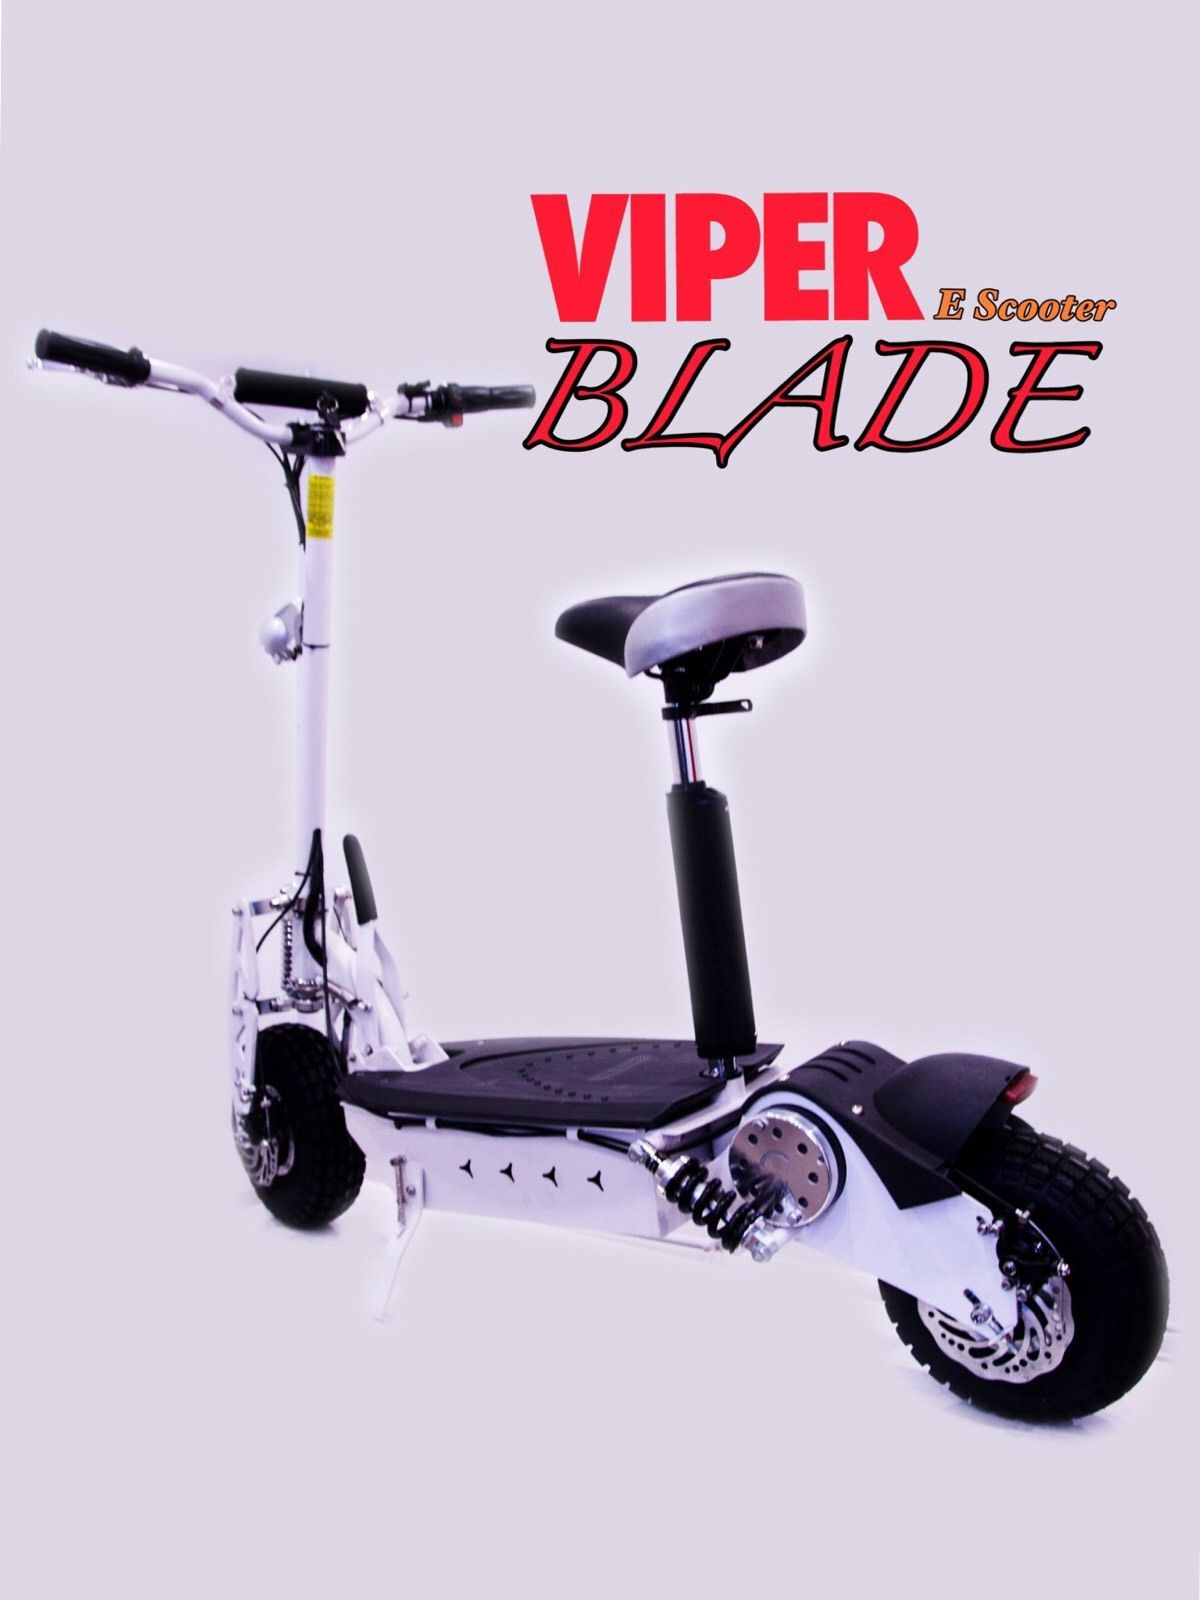 Trottinette électrique Viper Blade